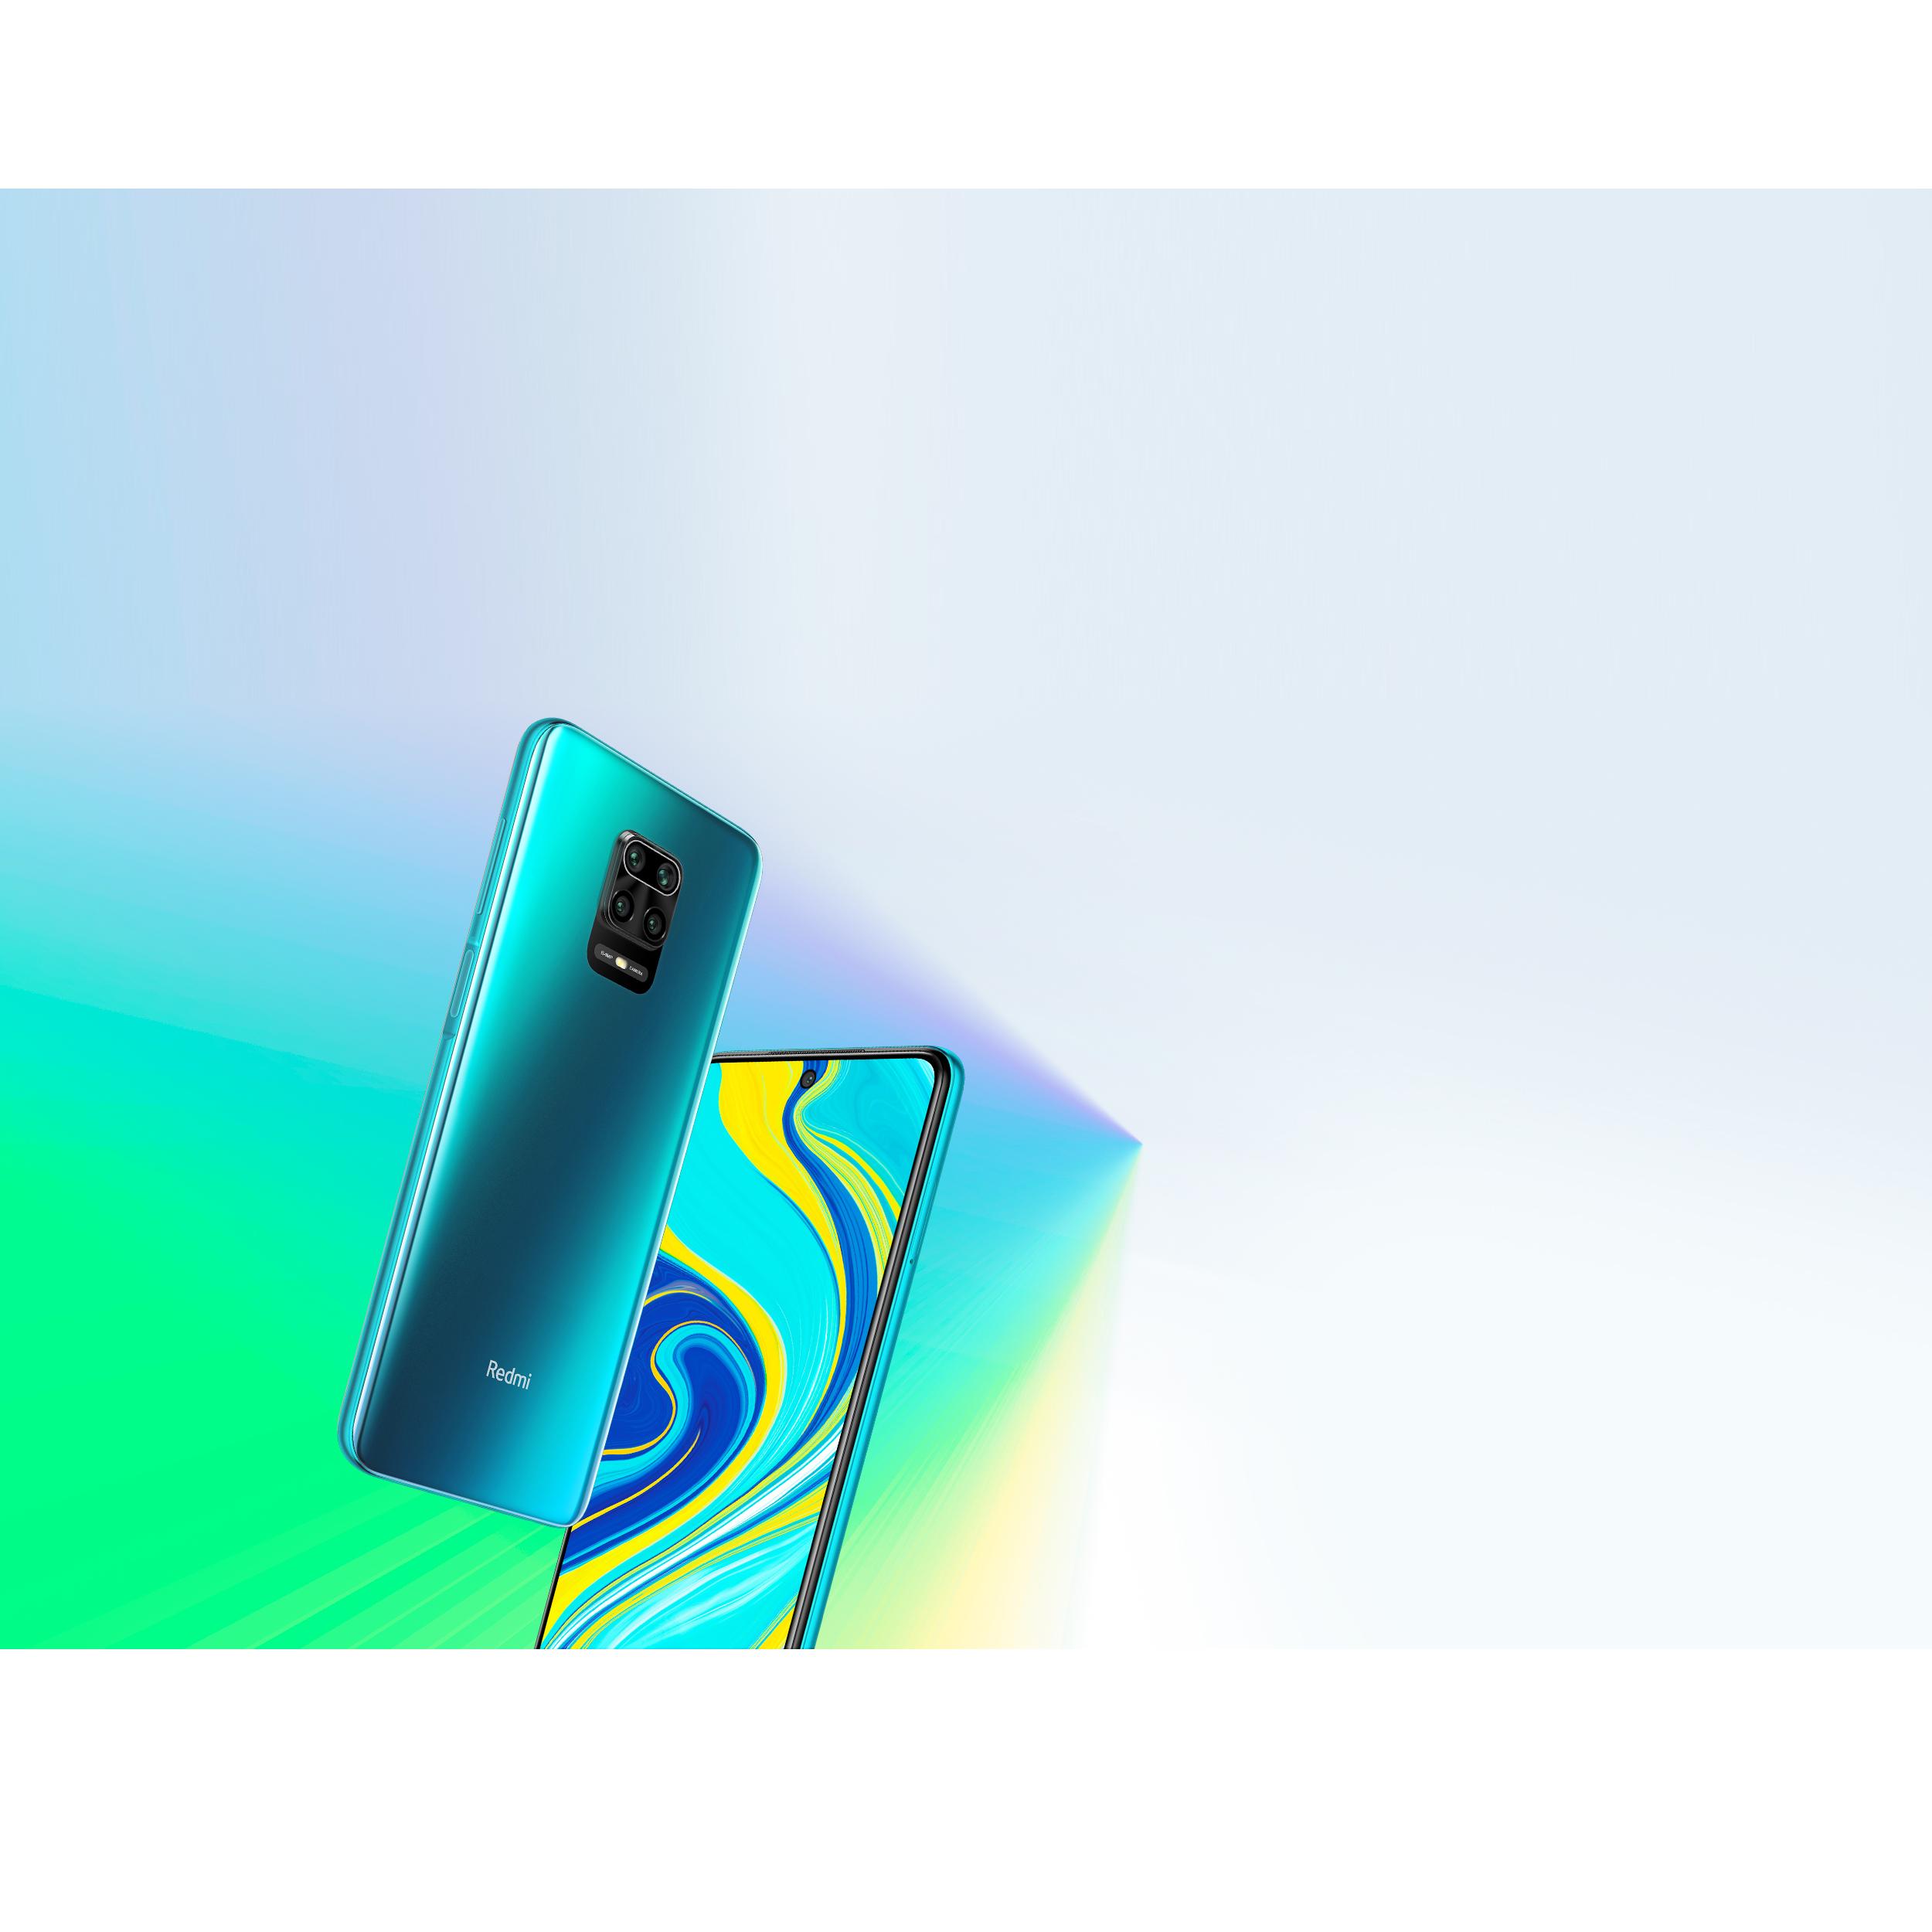 گوشی موبایل شیائومی مدل Redmi Note 9S M2003J6A1G دو سیم کارت ظرفیت 64 گیگابایت